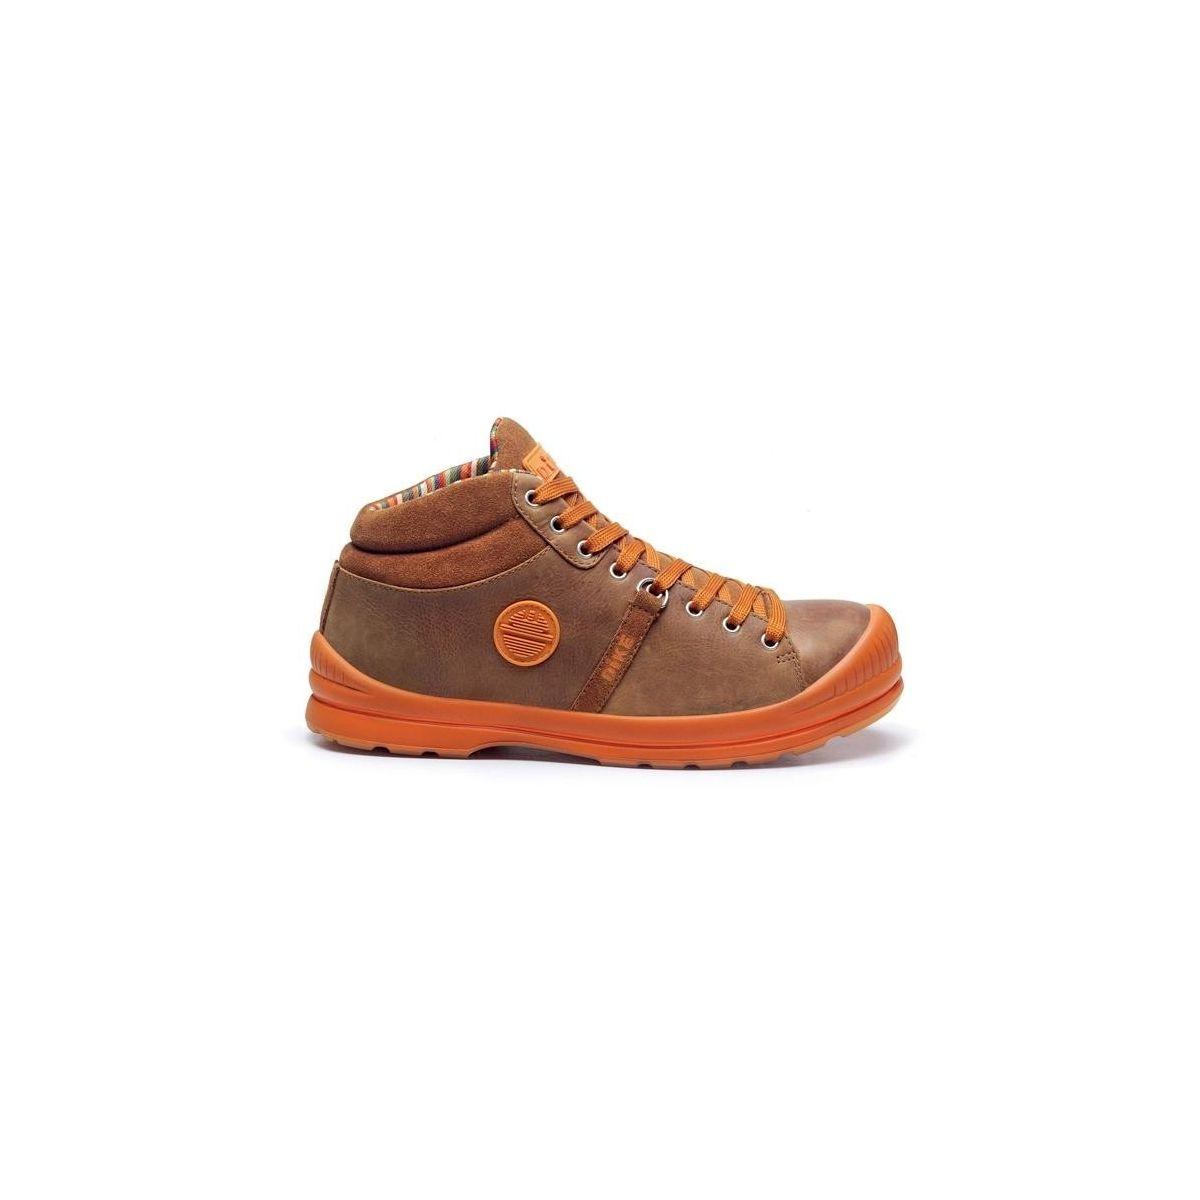 7bbd3681a13 Chaussures de sécurité haute SUMMIT SUPERB S3 SRC brûlé - OUTILS.FR